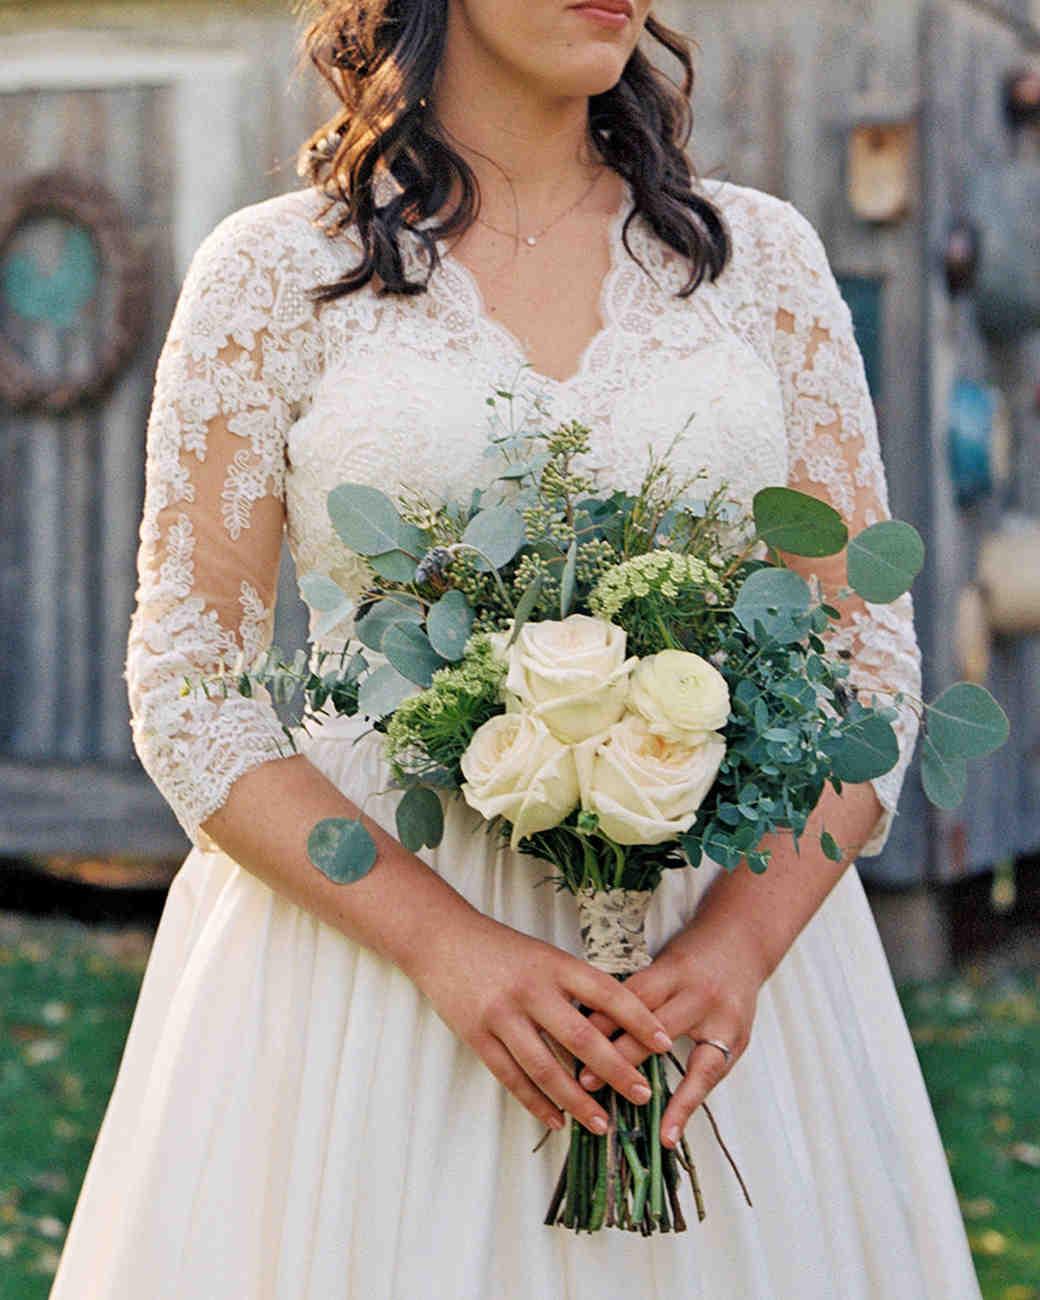 rachel elijah wedding bouquet